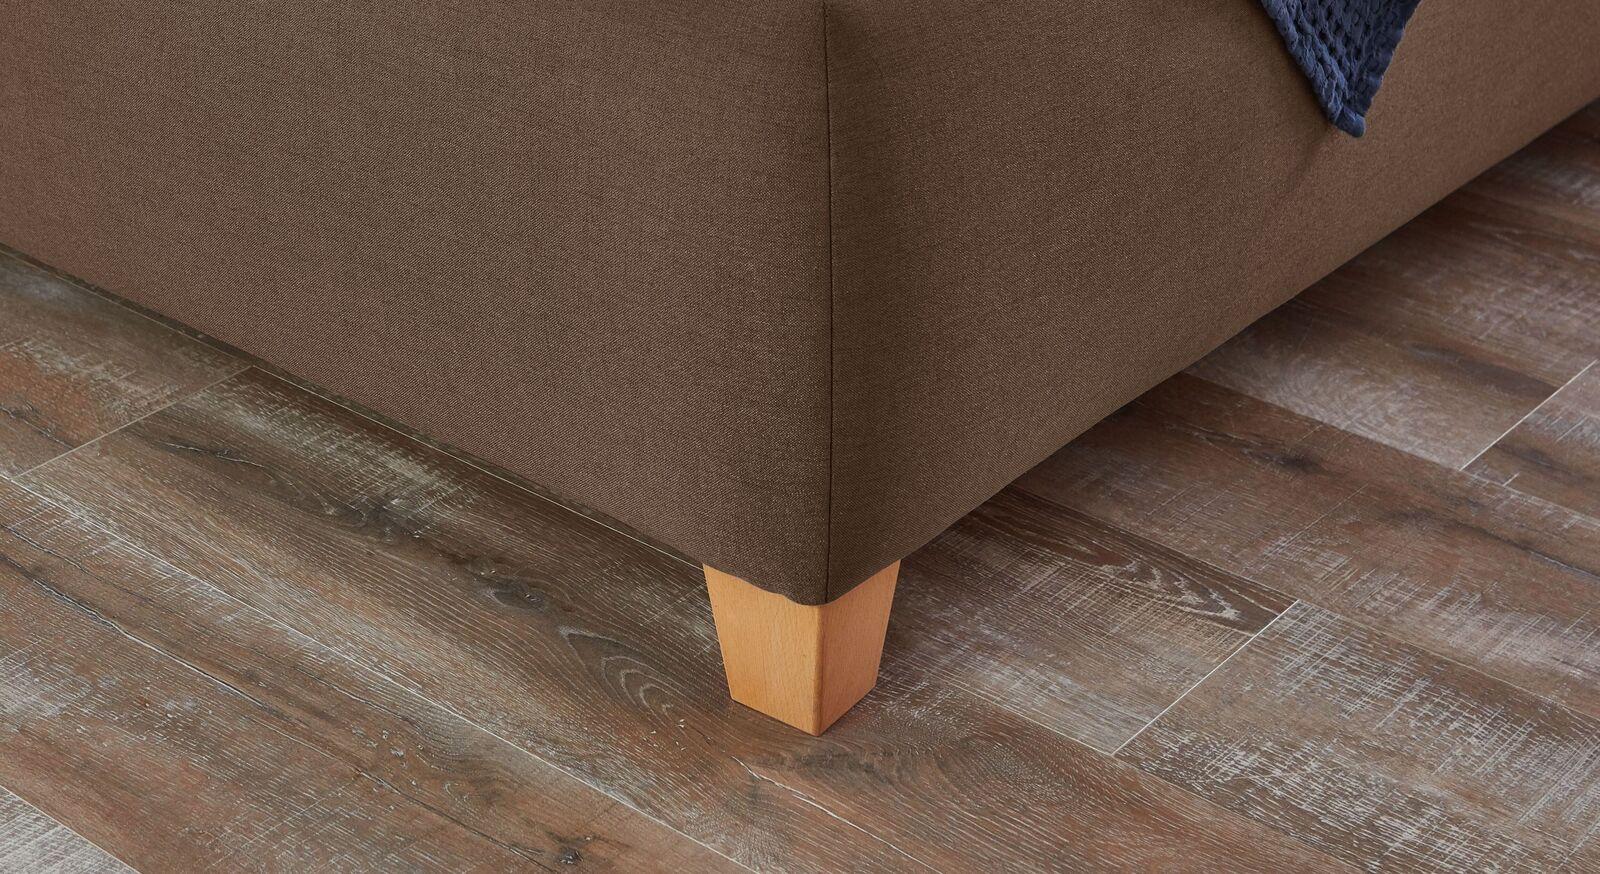 Bett Adana mit konischen Füßen aus Buchenholz